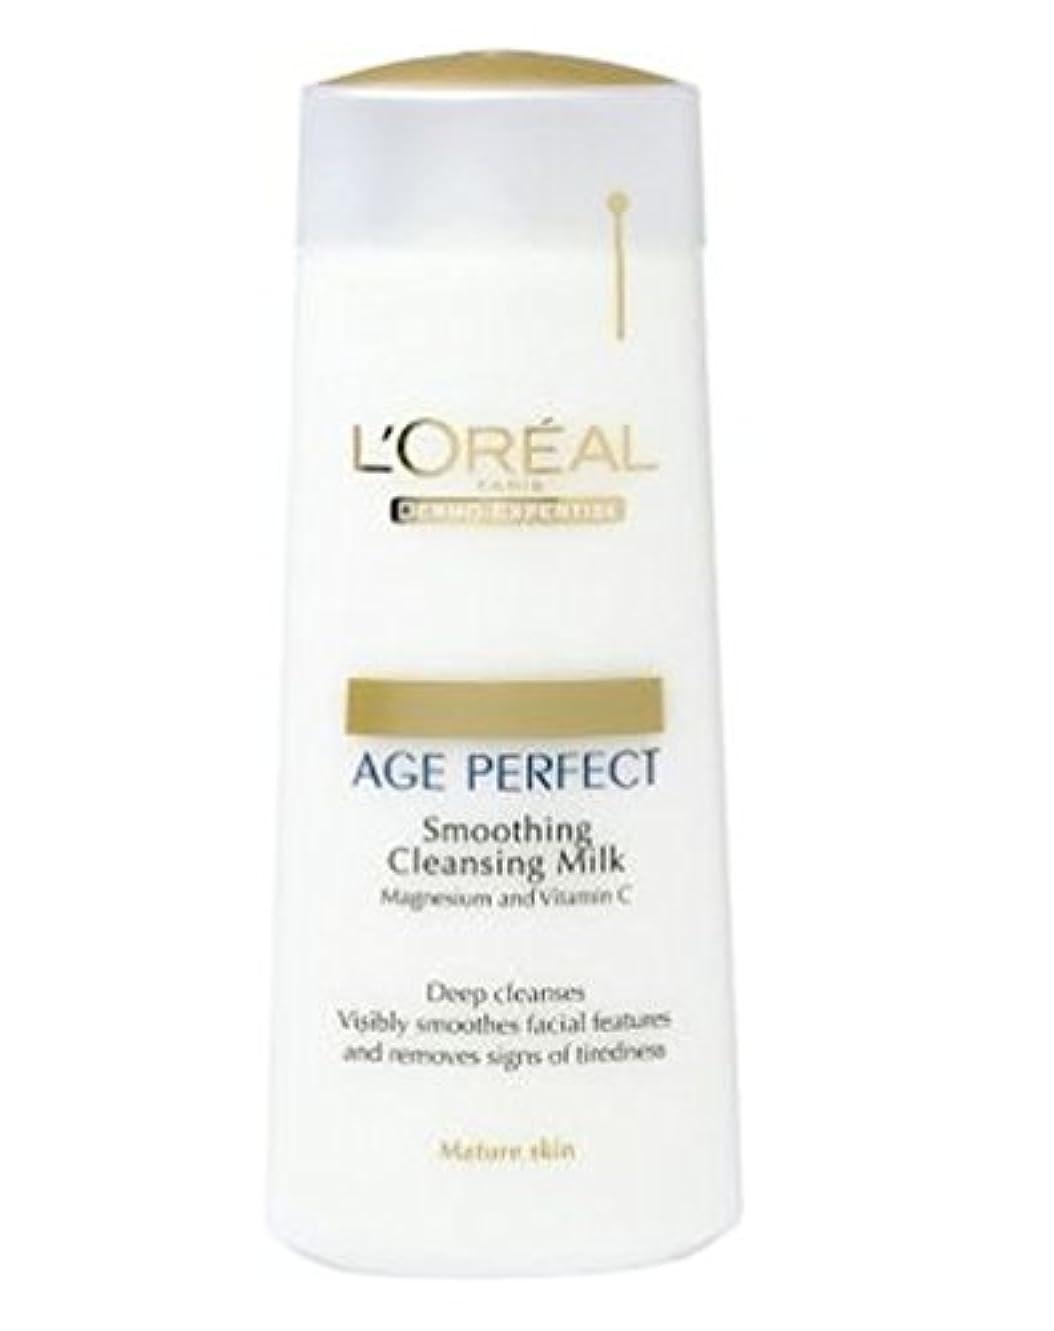 デコードすることわざ期待してL'Oreall真皮専門知識の年齢、完璧なスムージングクレンジングミルク200ミリリットル (L'Oreal) (x2) - L'Oreall Dermo-Expertise Age Perfect Smoothing...